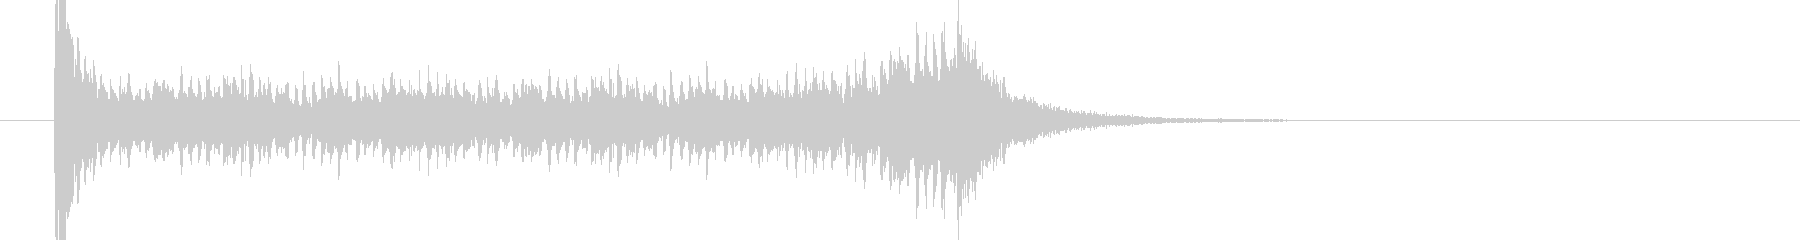 ティンパニロール 結果発表 タイプCの未再生の波形